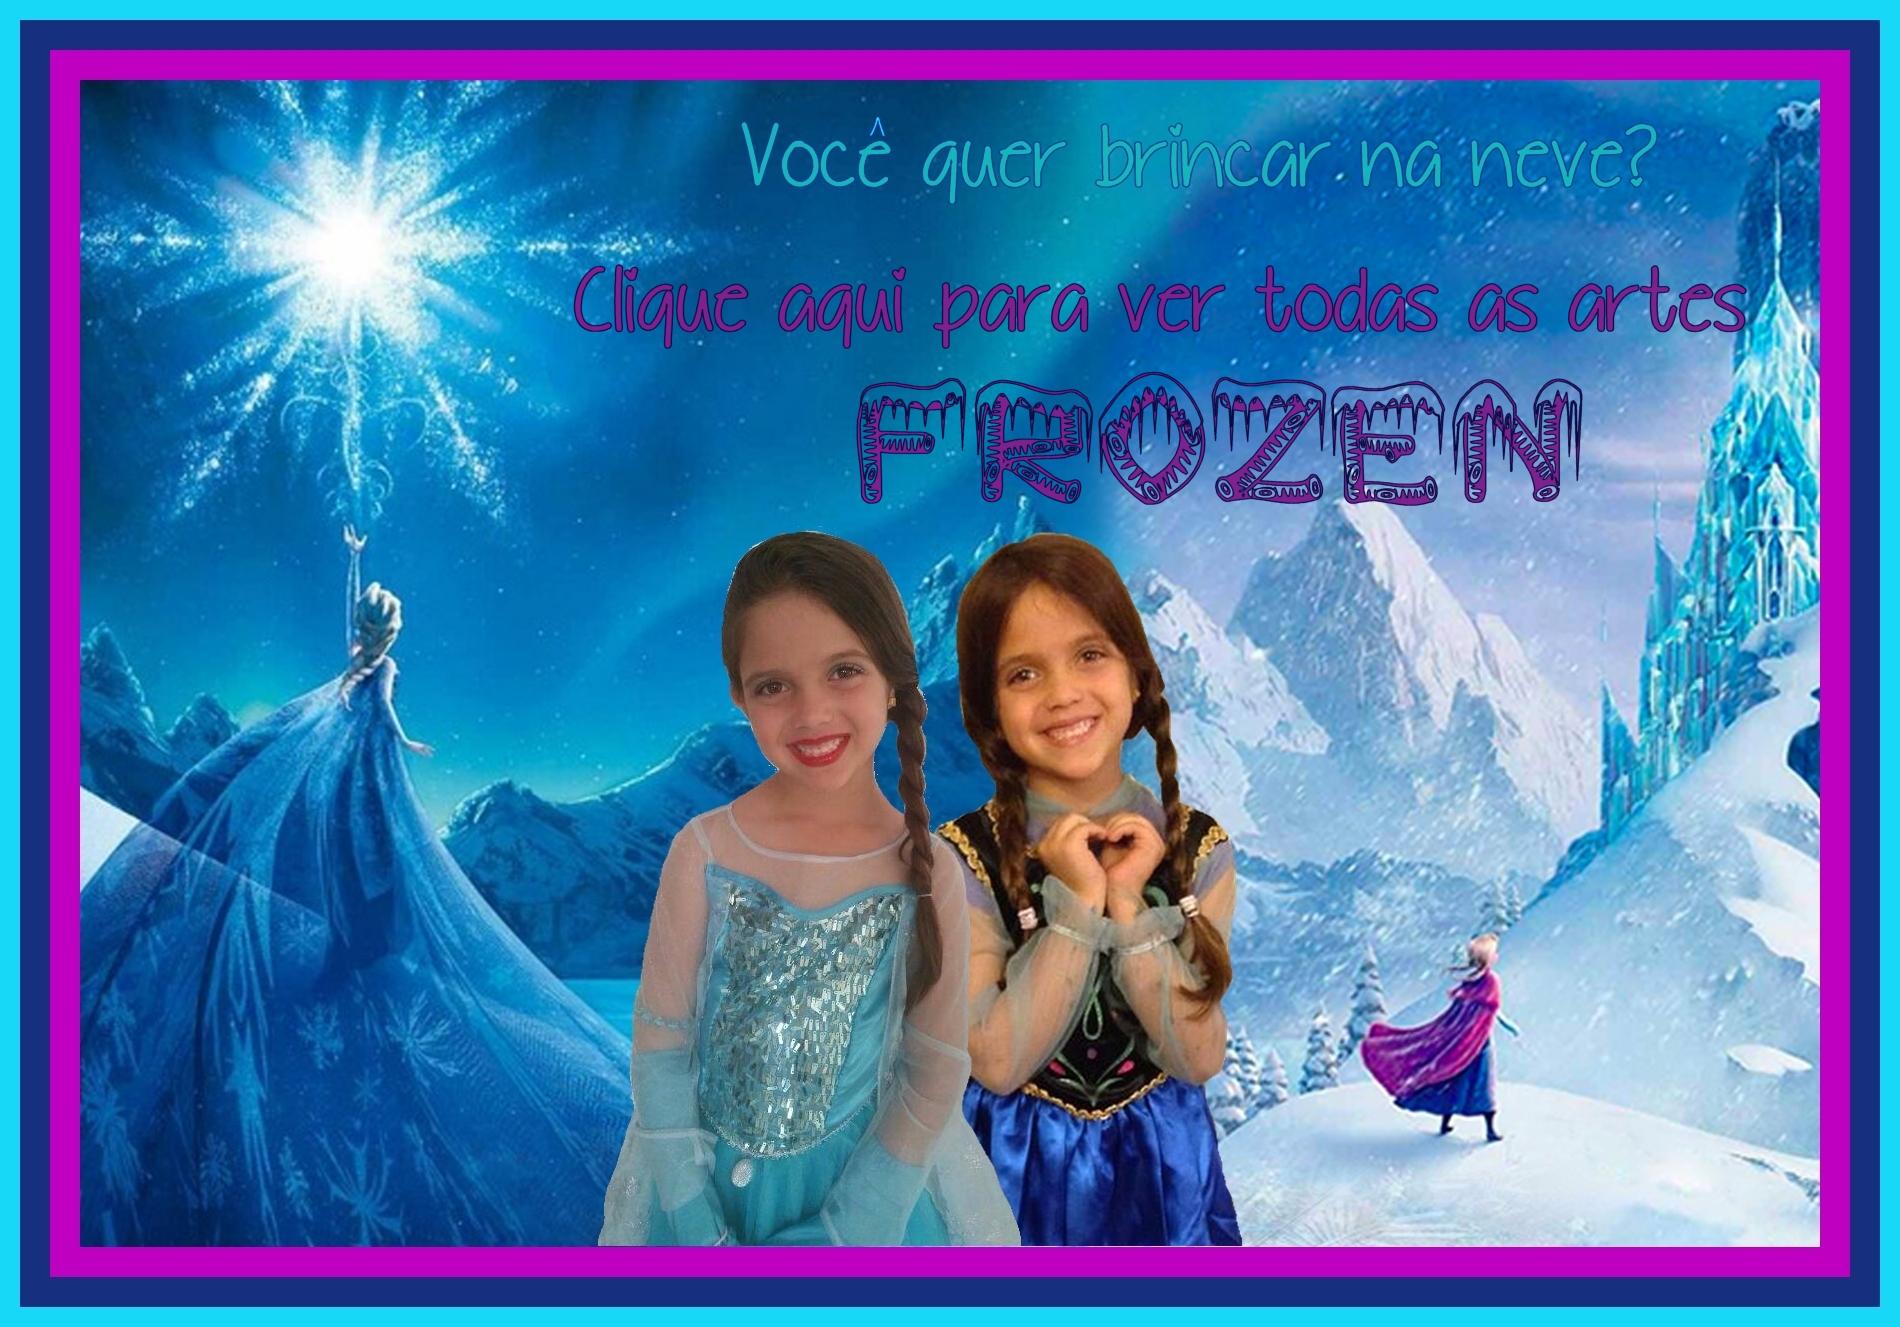 ellerim fantasia artes frozen